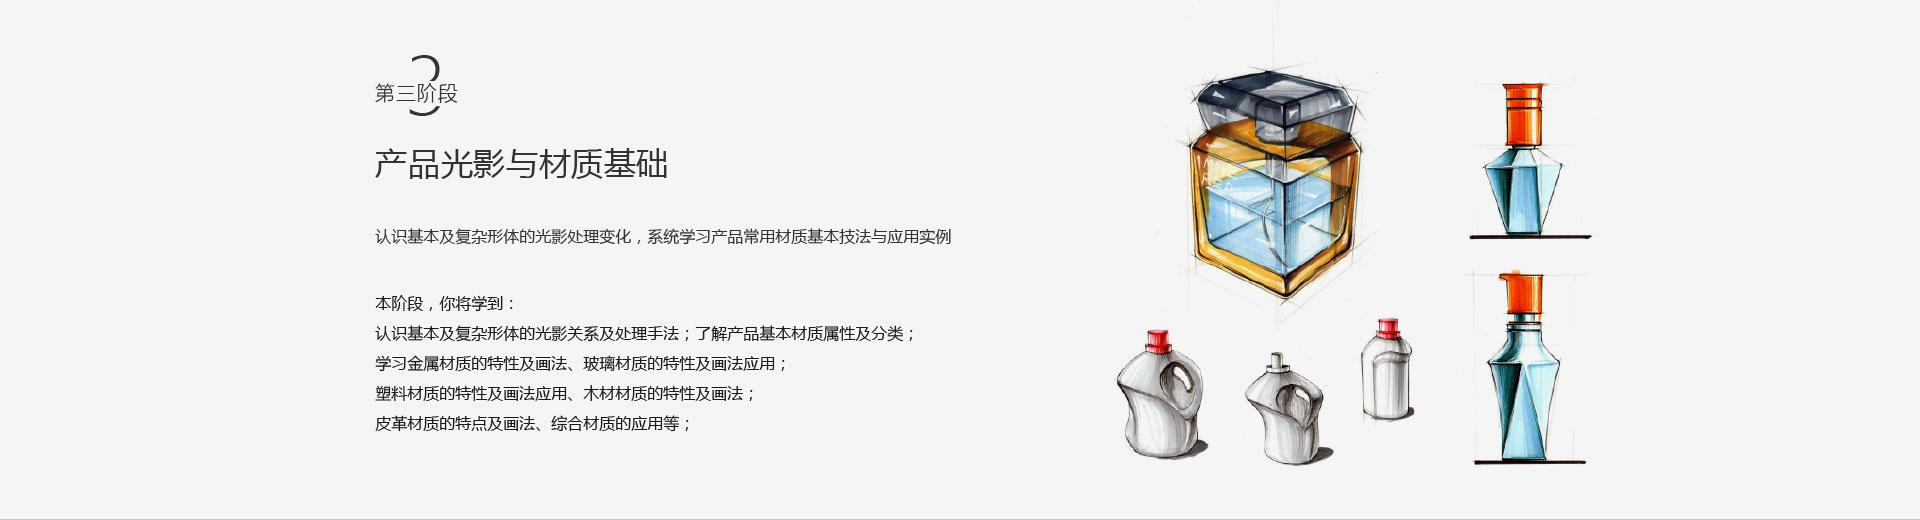 产品手绘_07.jpg